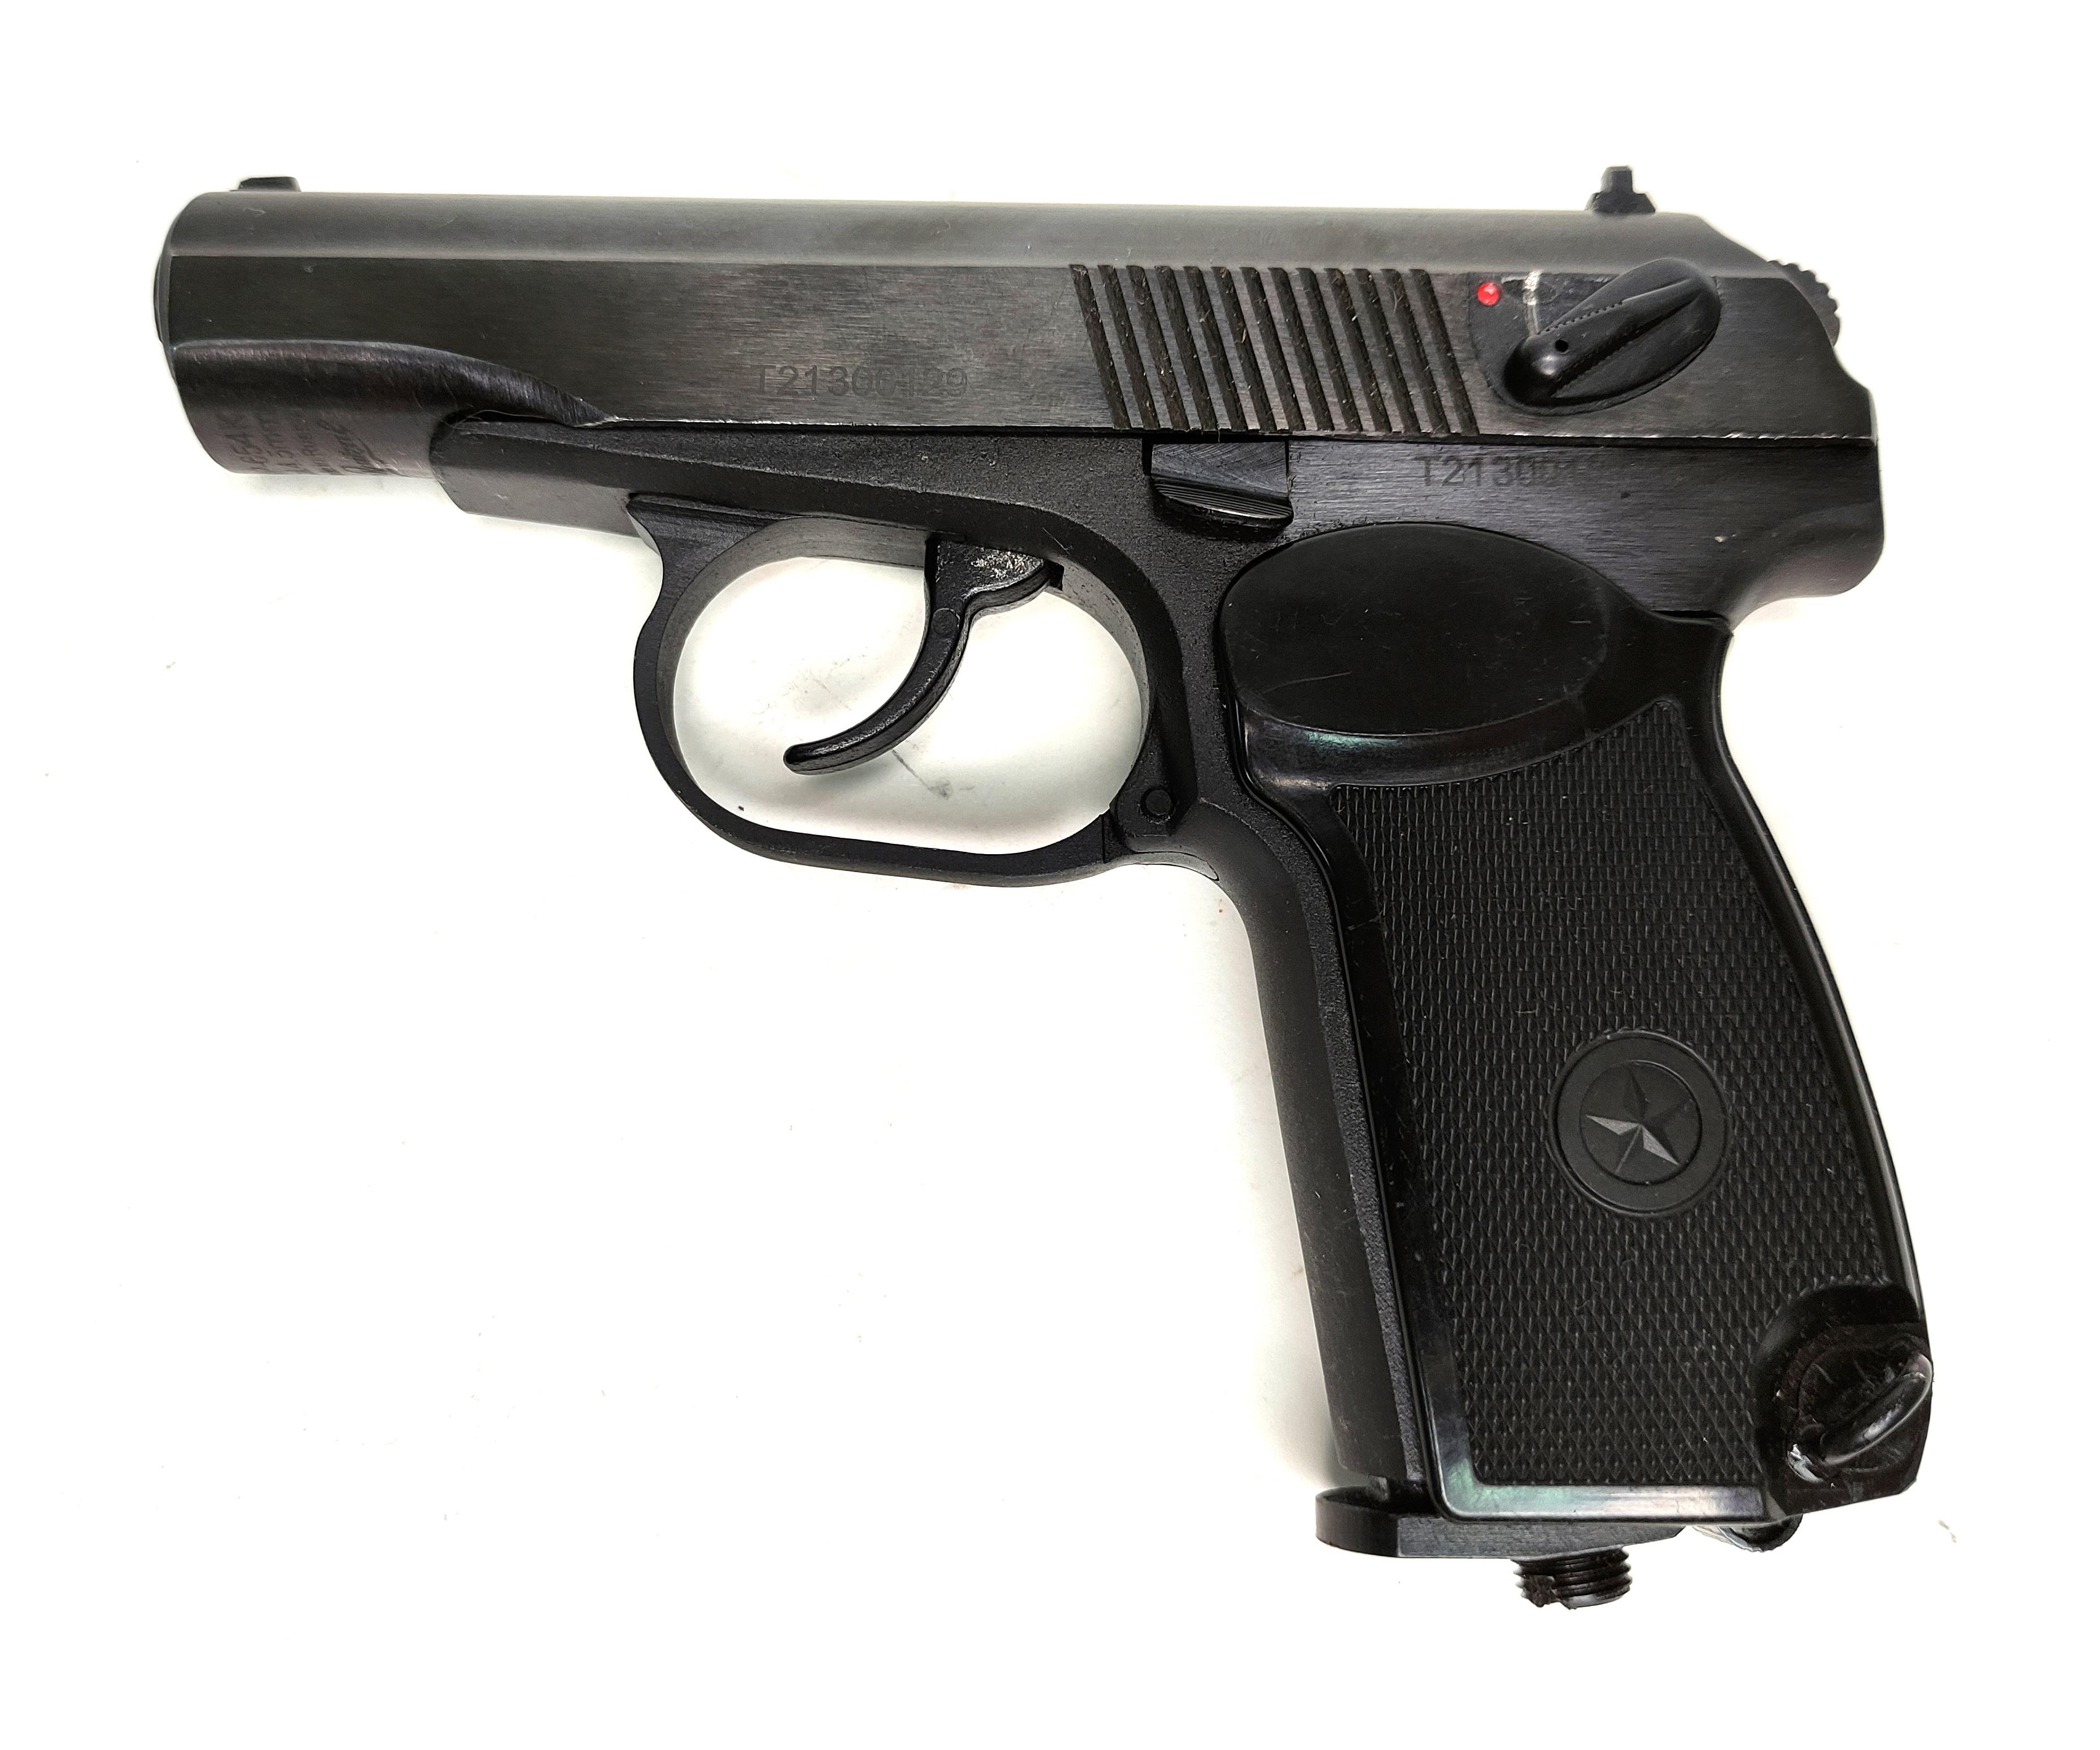 |Уценка| Пневматический пистолет МР-654К-32 (ПМ, черная рукоять) (№ 84375-180-уц)